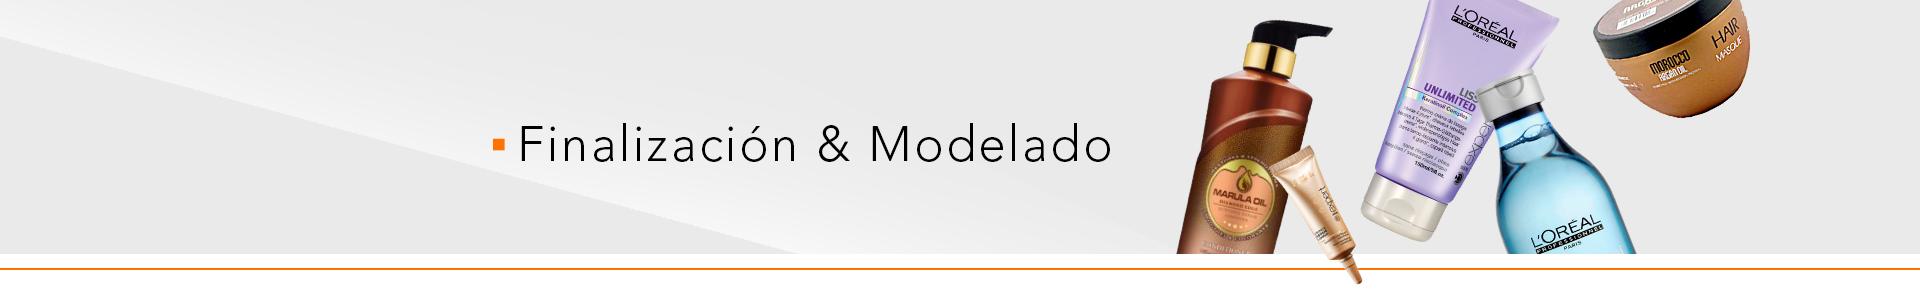 compra Finalización y Modelado online